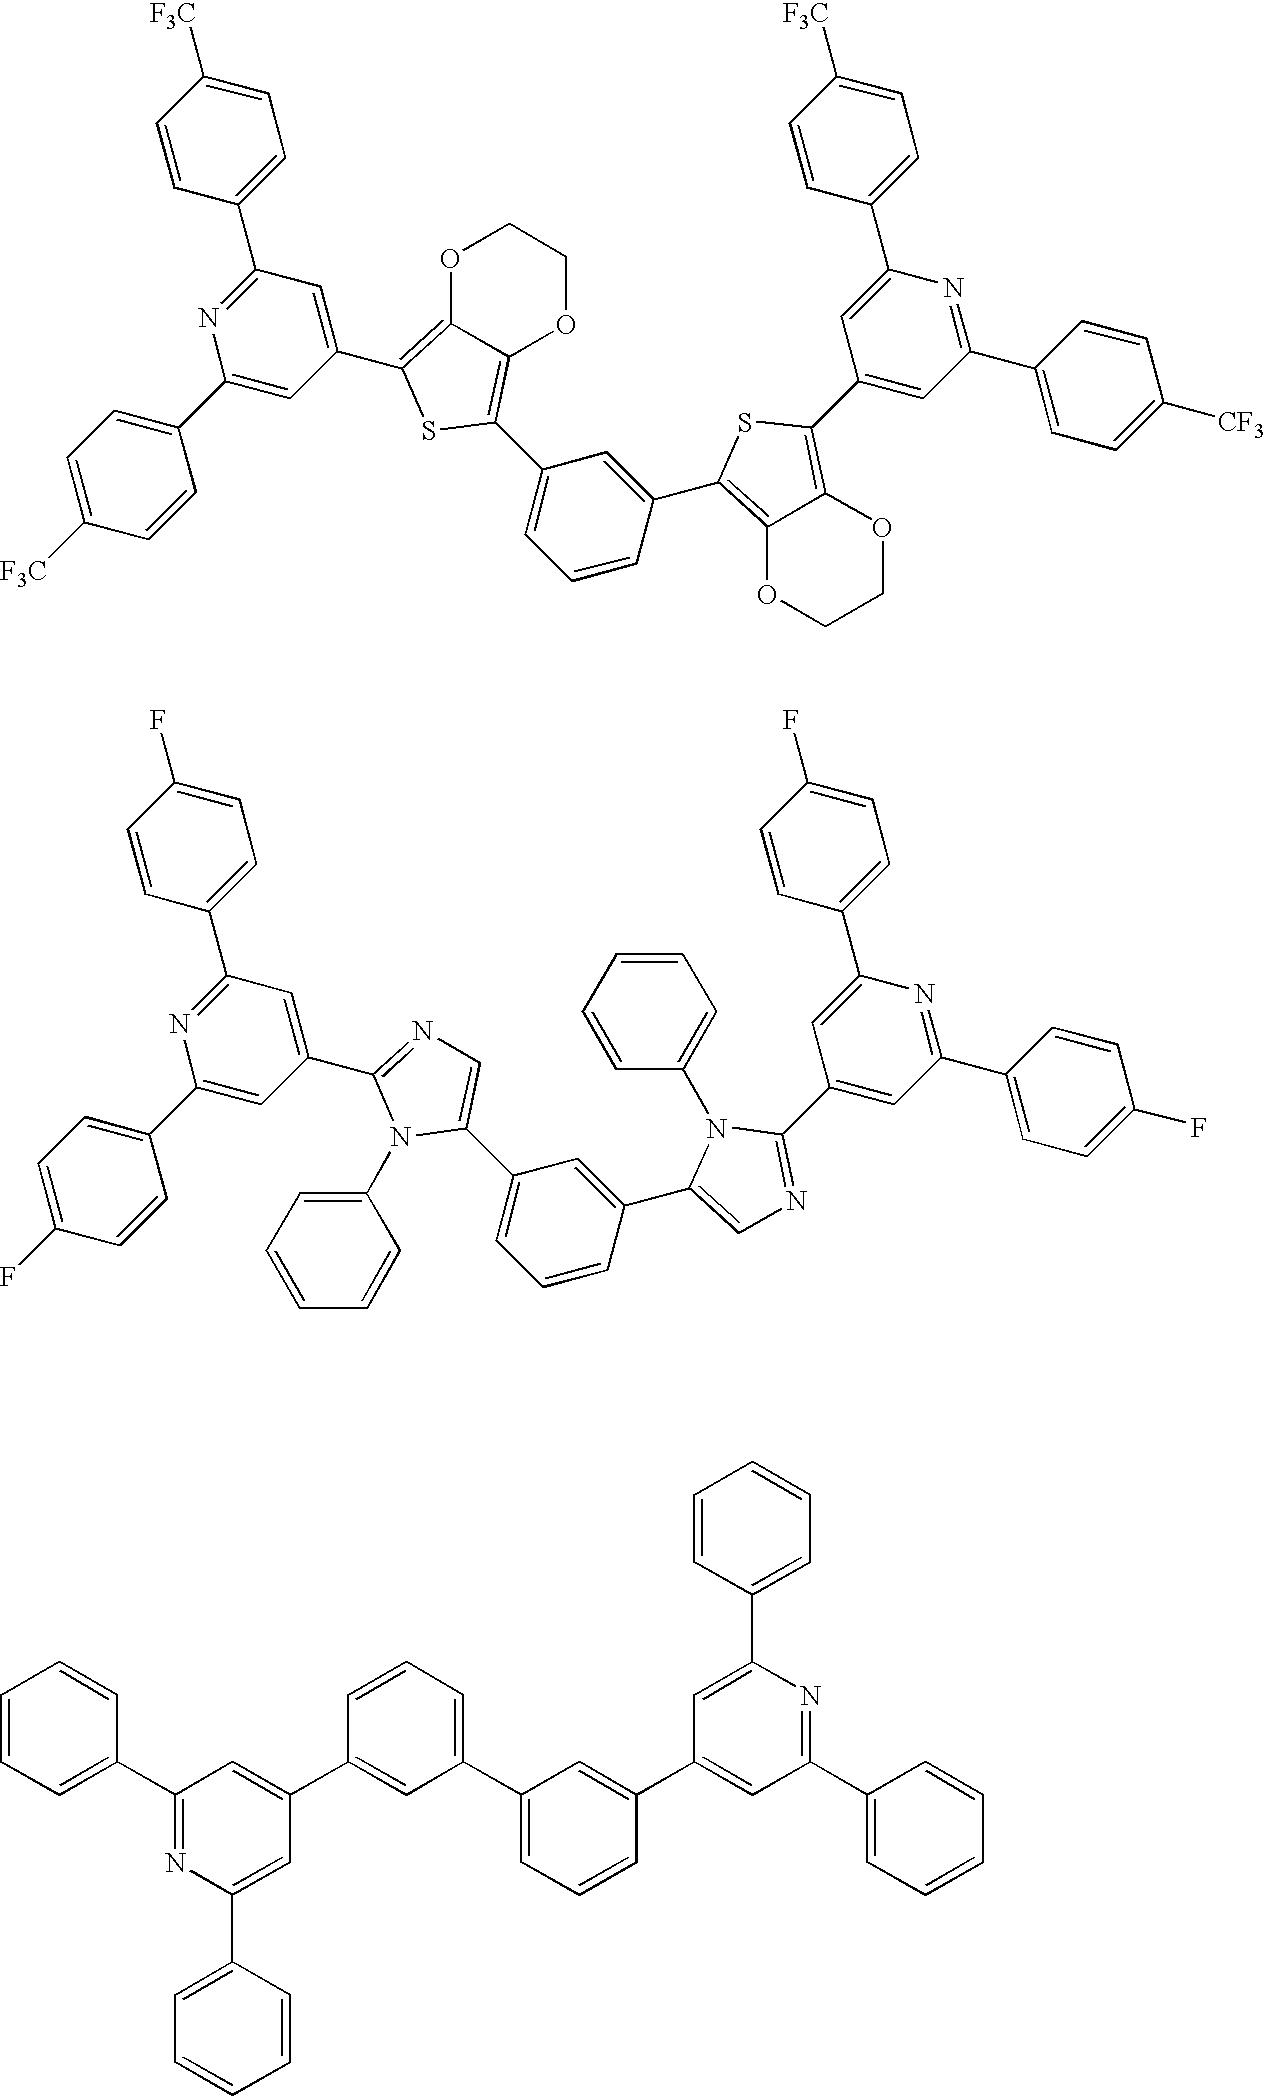 Figure US20060186796A1-20060824-C00043